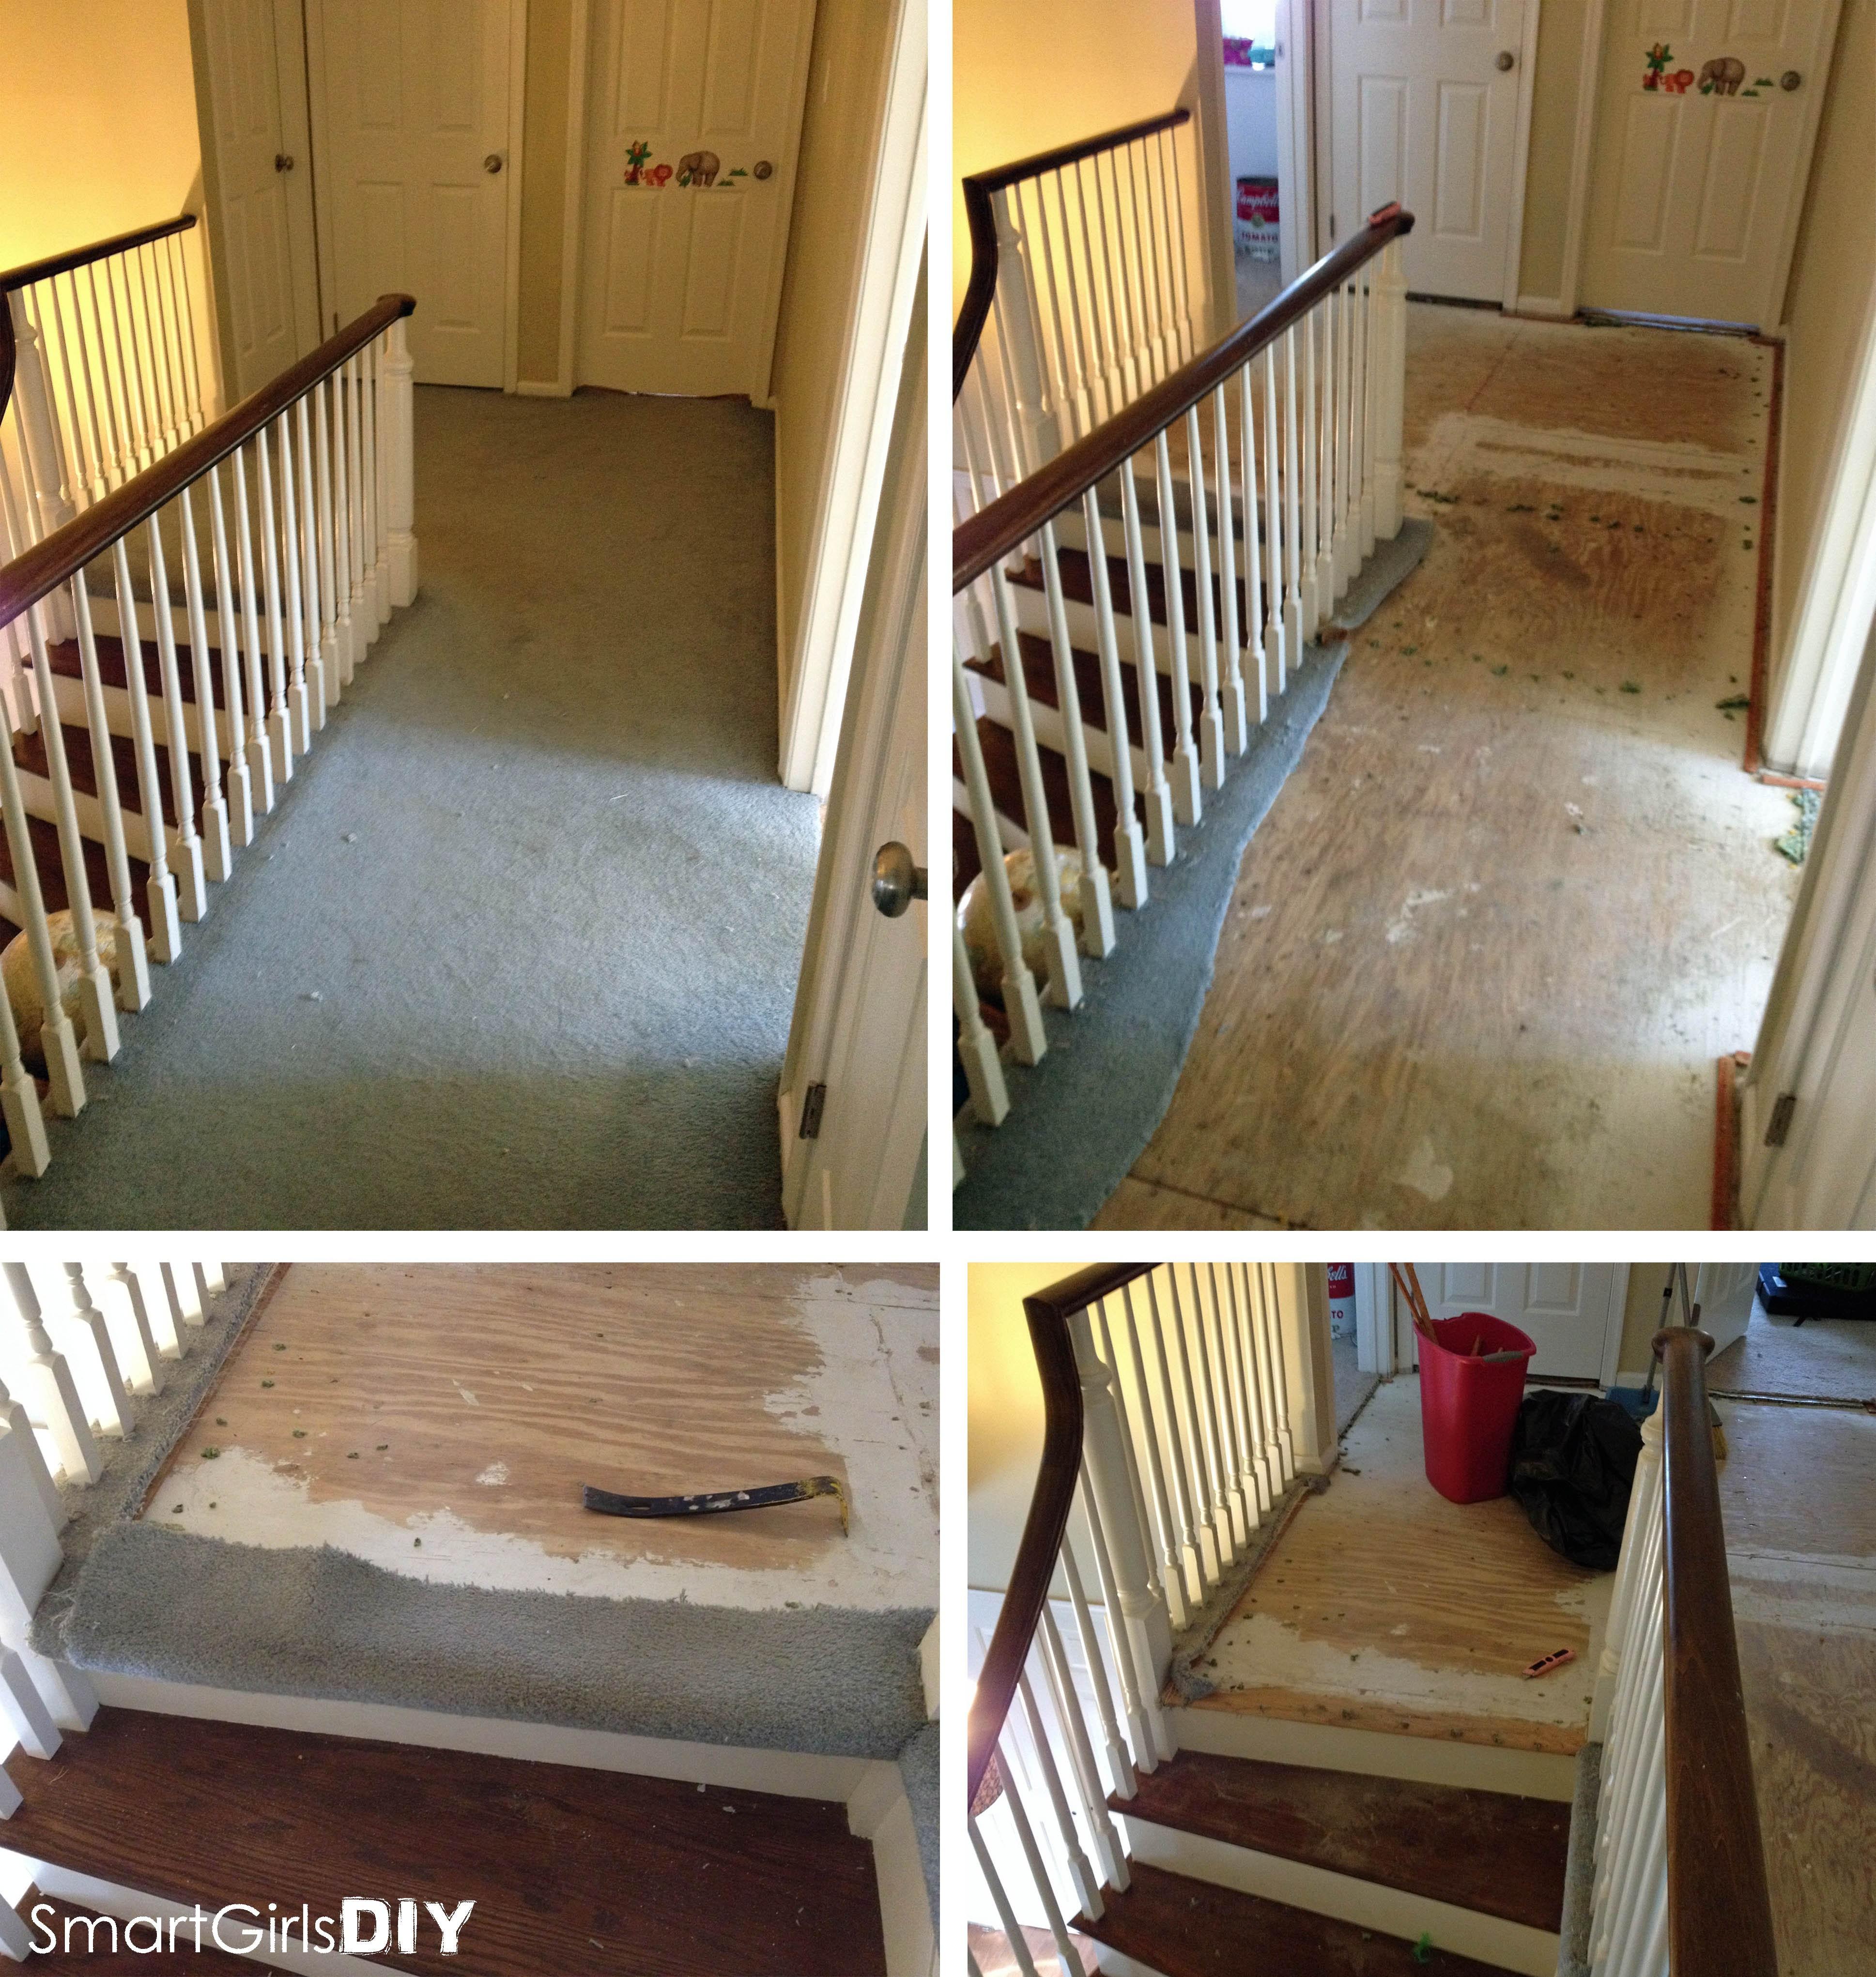 Old Hardwood Floors Under Carpet Of Upstairs Hallway 1 Installing Hardwood Floors Pertaining to Removing Carpet From Hallway Installing the Hardwood Floor